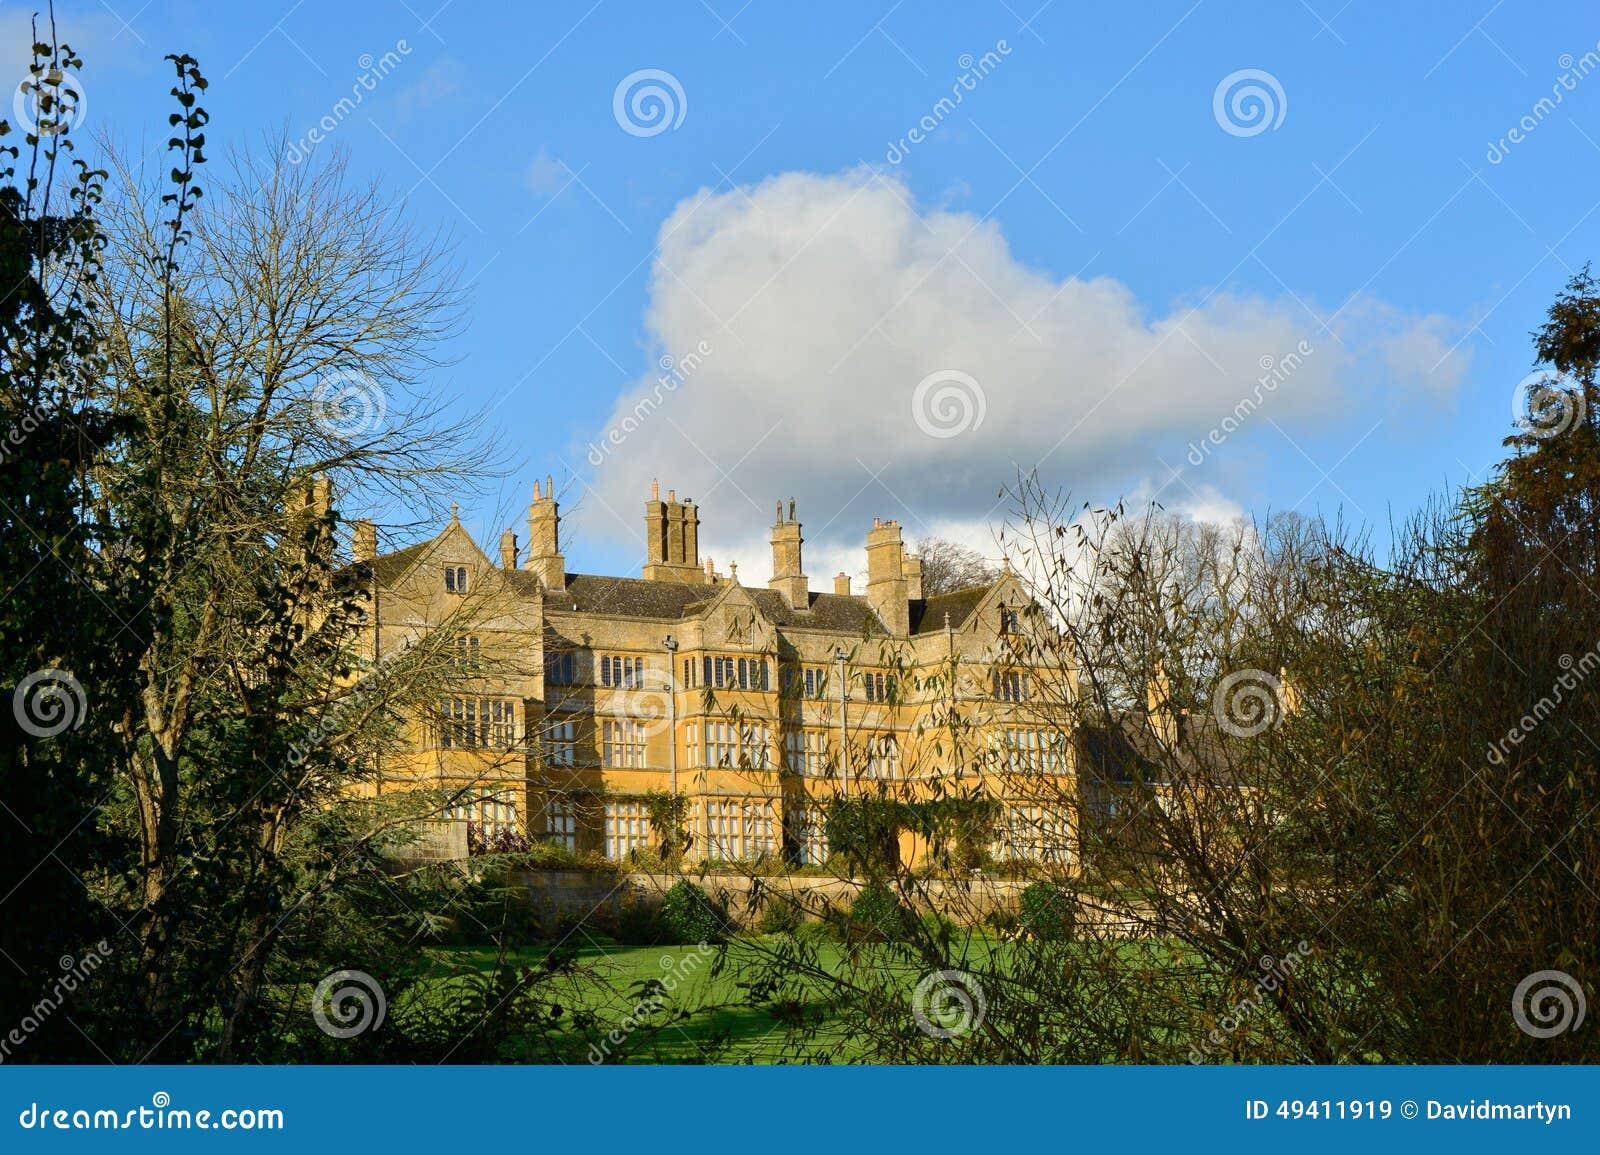 Download Prächtiges Haus stockbild. Bild von land, reich, milliardär - 49411919